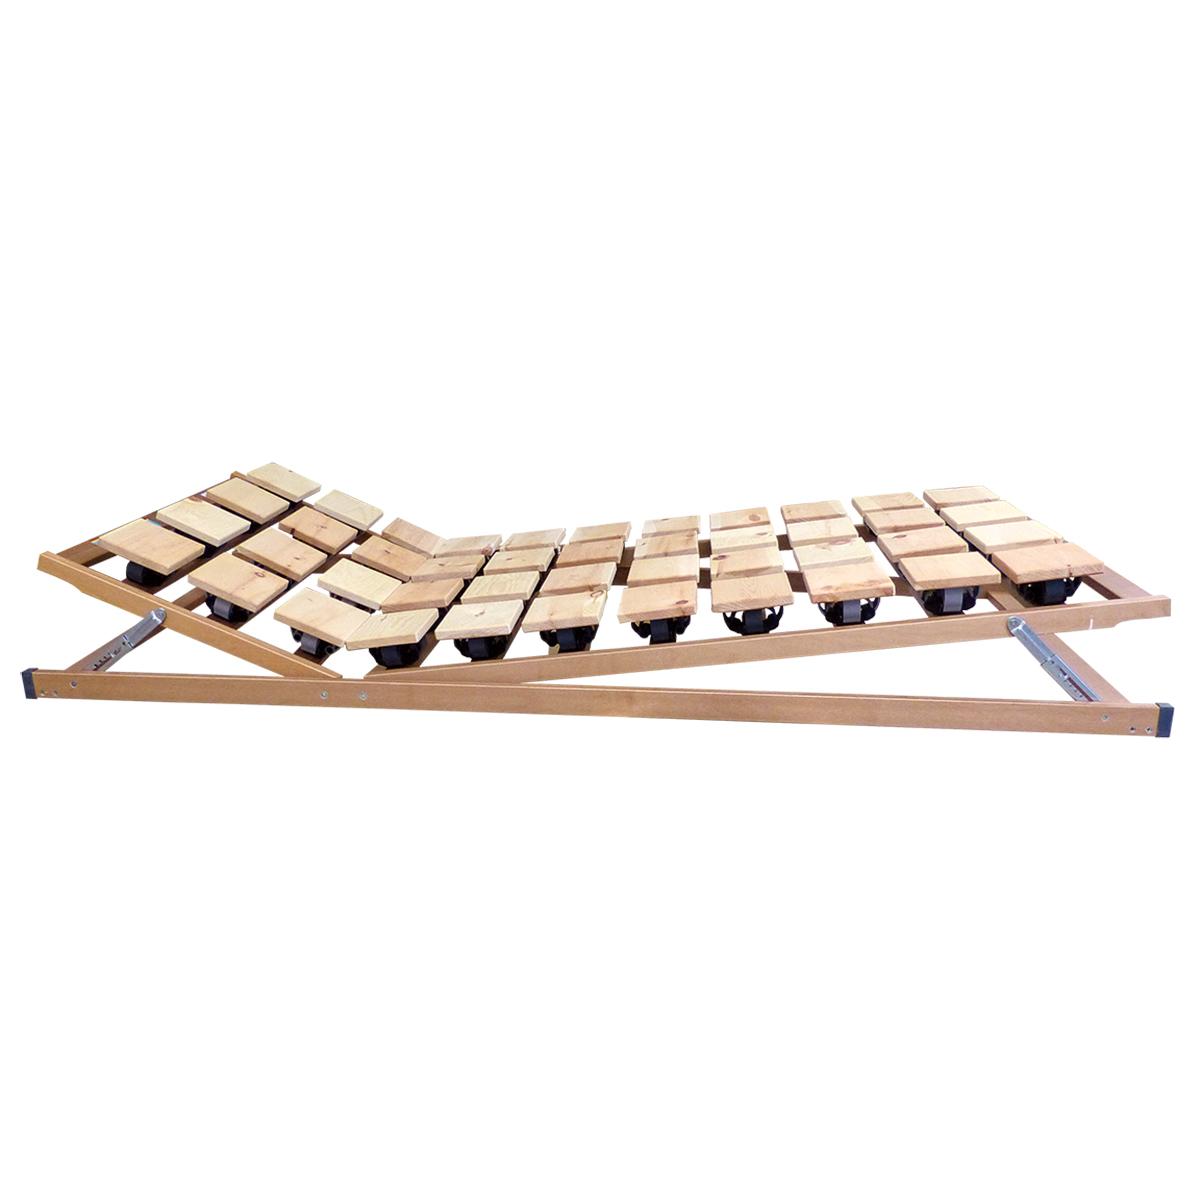 Zirbenholz Lattenrost / Tellerrost manuell verstellbar